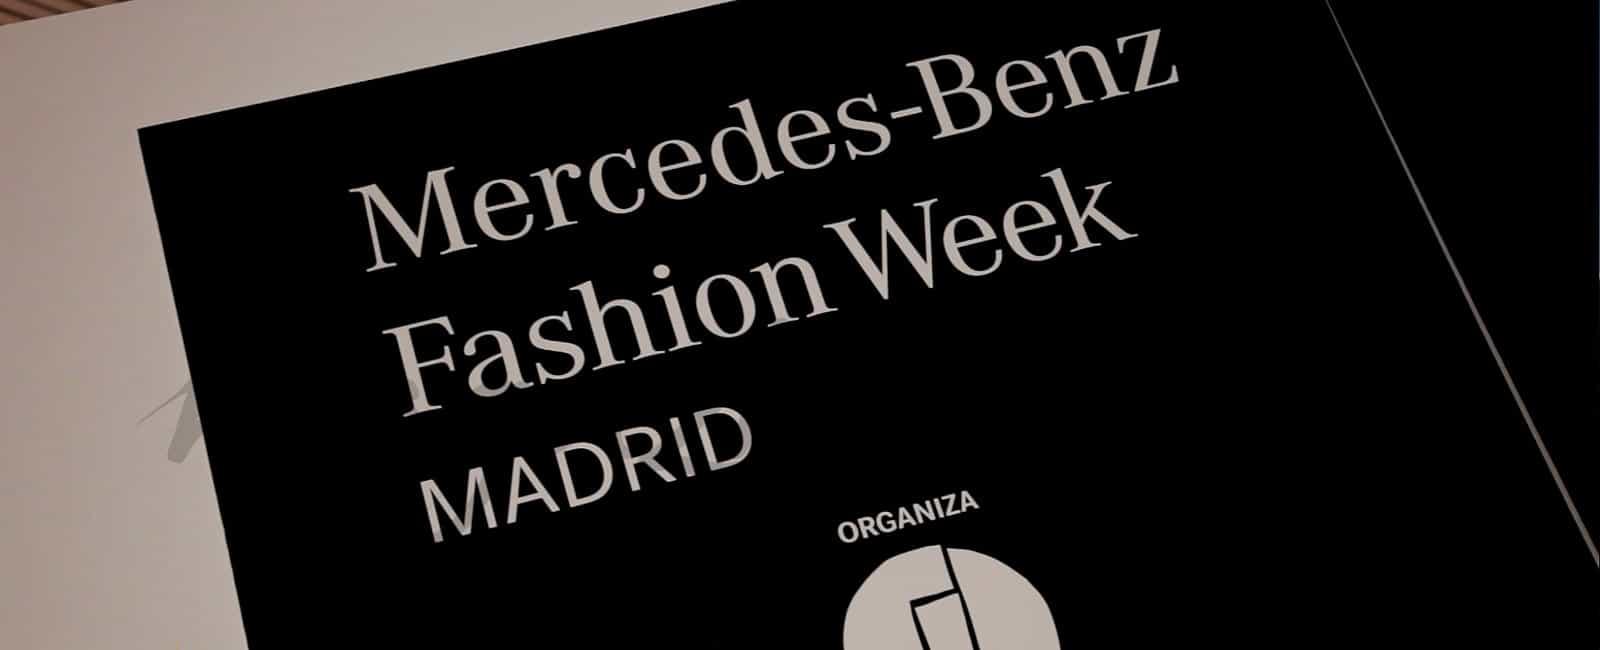 Mercedes Benz Fashion Week Madrid 2017